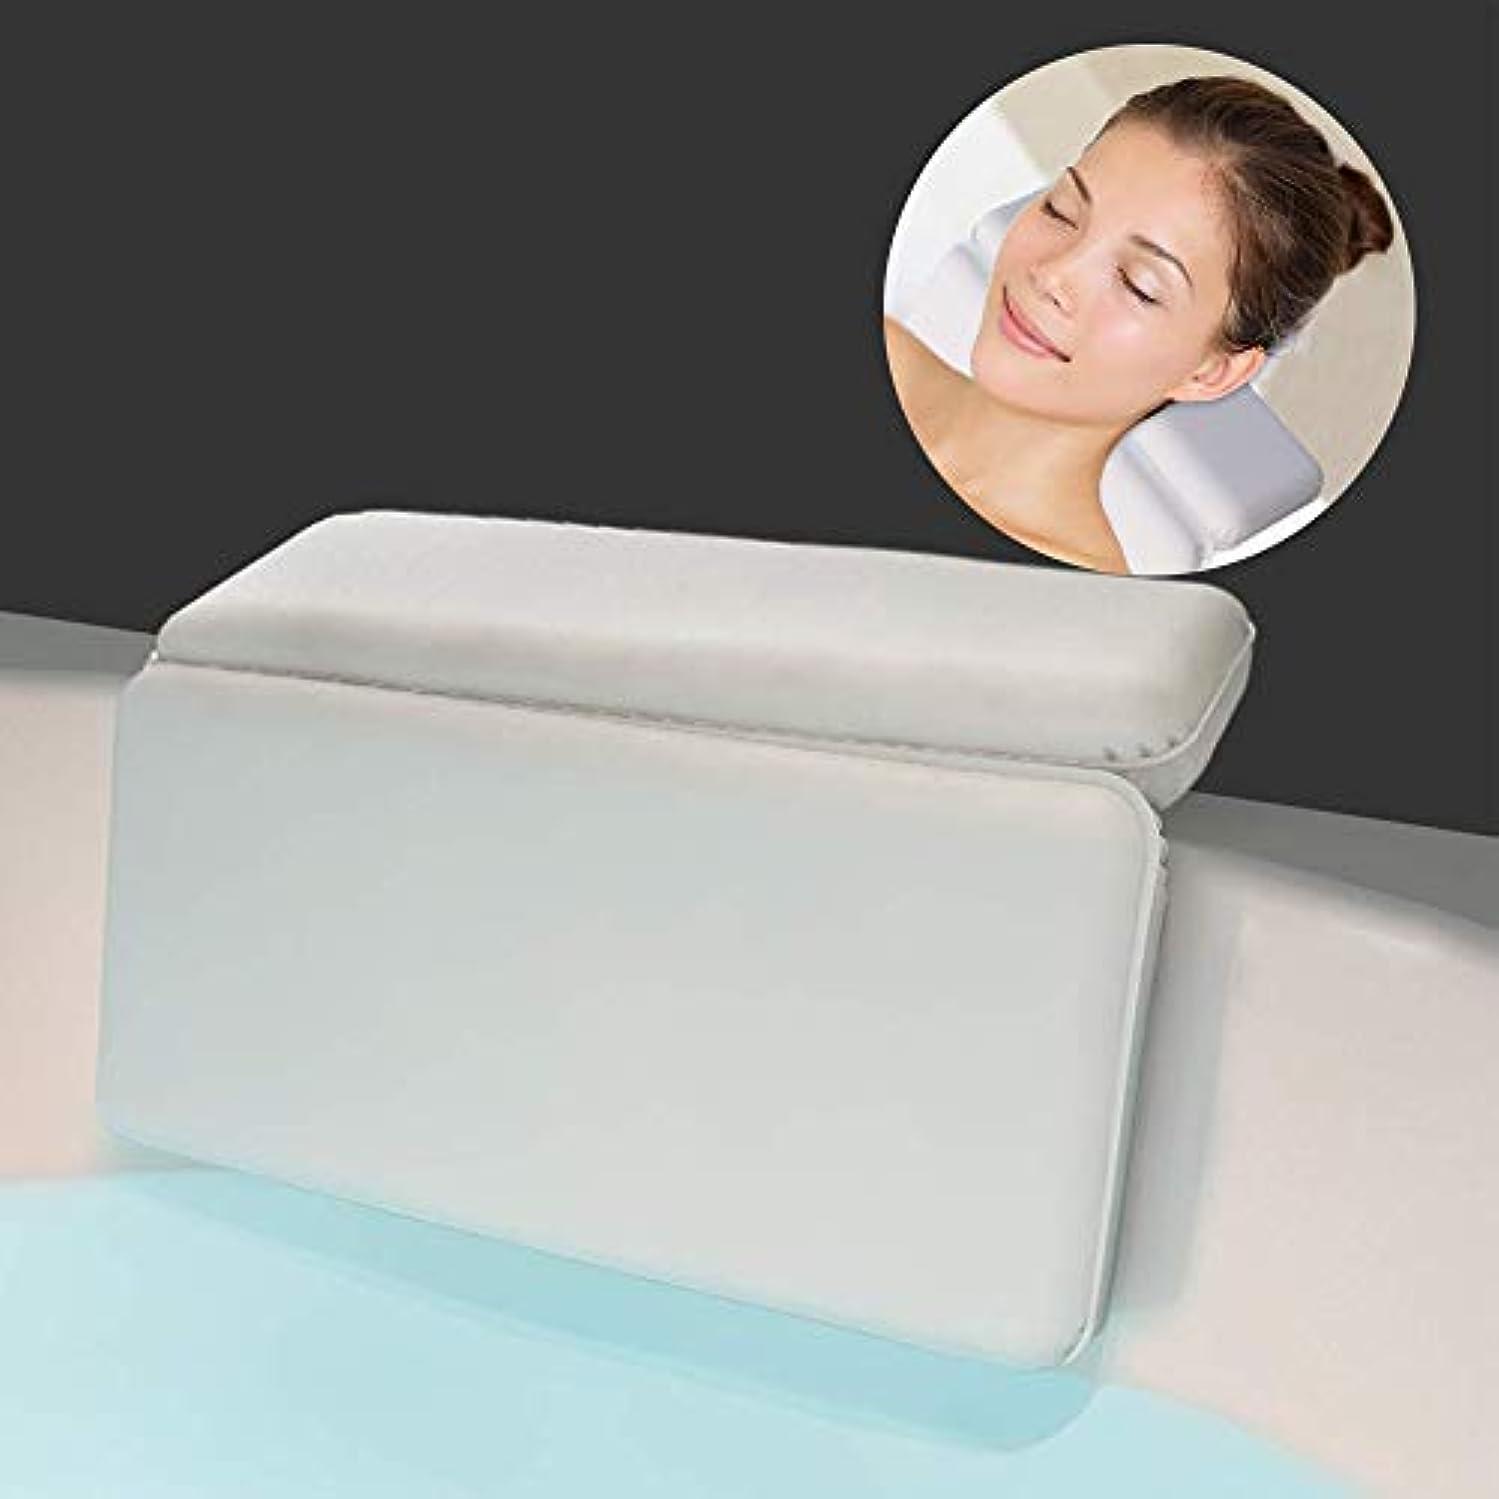 見る抜け目がない触手サクションカップ付き防水ソフトバスピローショルダー&ネックサポート用の高級バスクッション。あらゆるサイズの浴槽にフィット